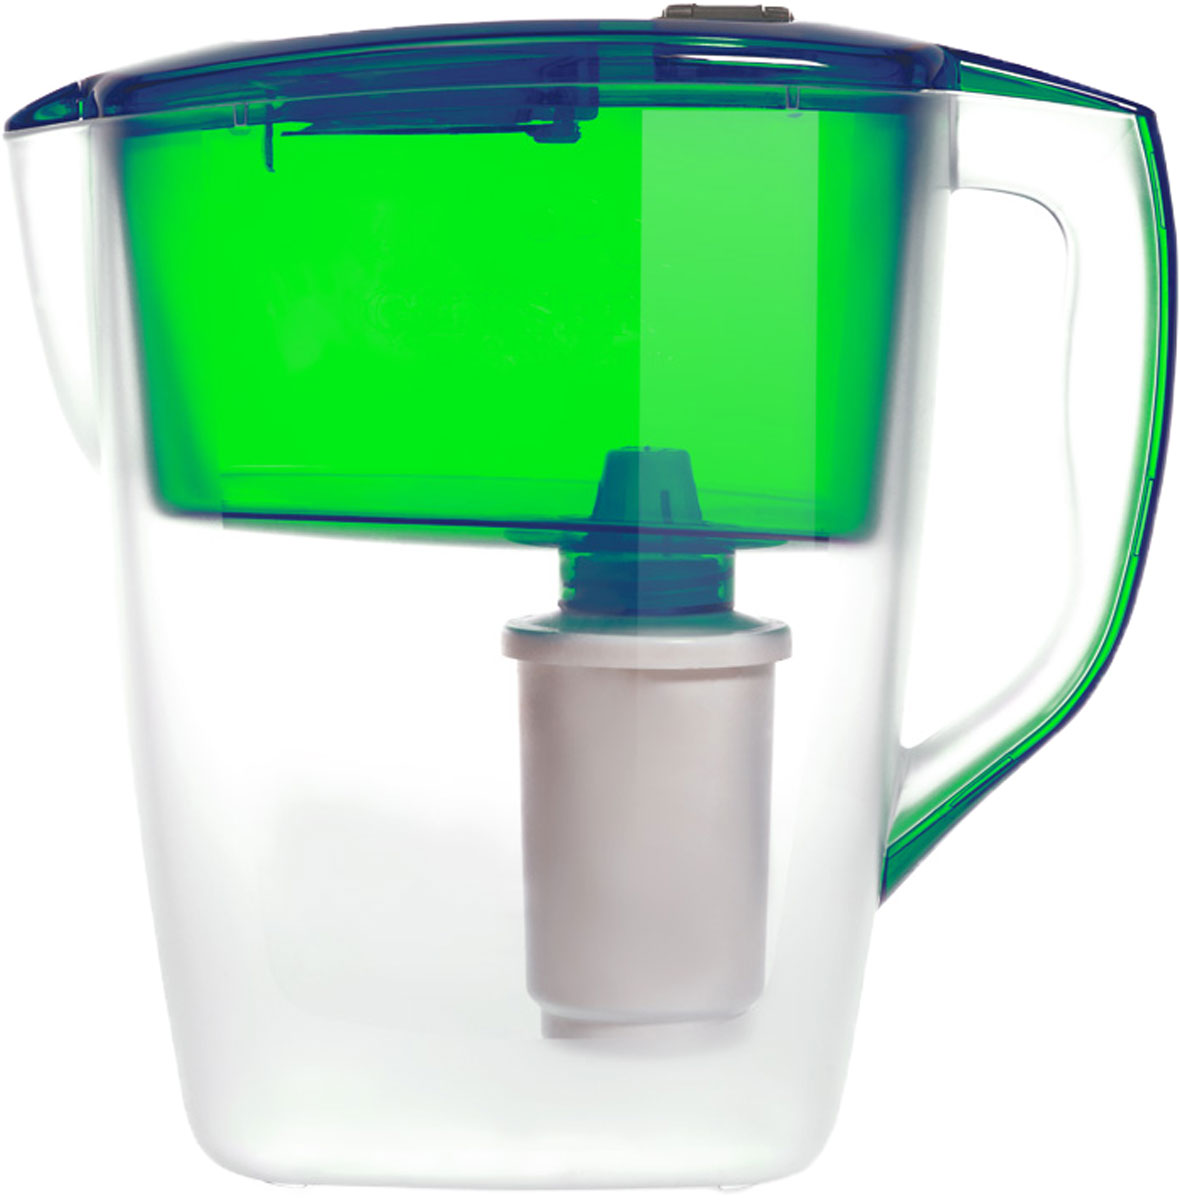 Фото - Фильтр-кувшин Гейзер Геркулес, цвет: зеленый, 4 л кувшин гейзер аквилон зеленый 3л 62042